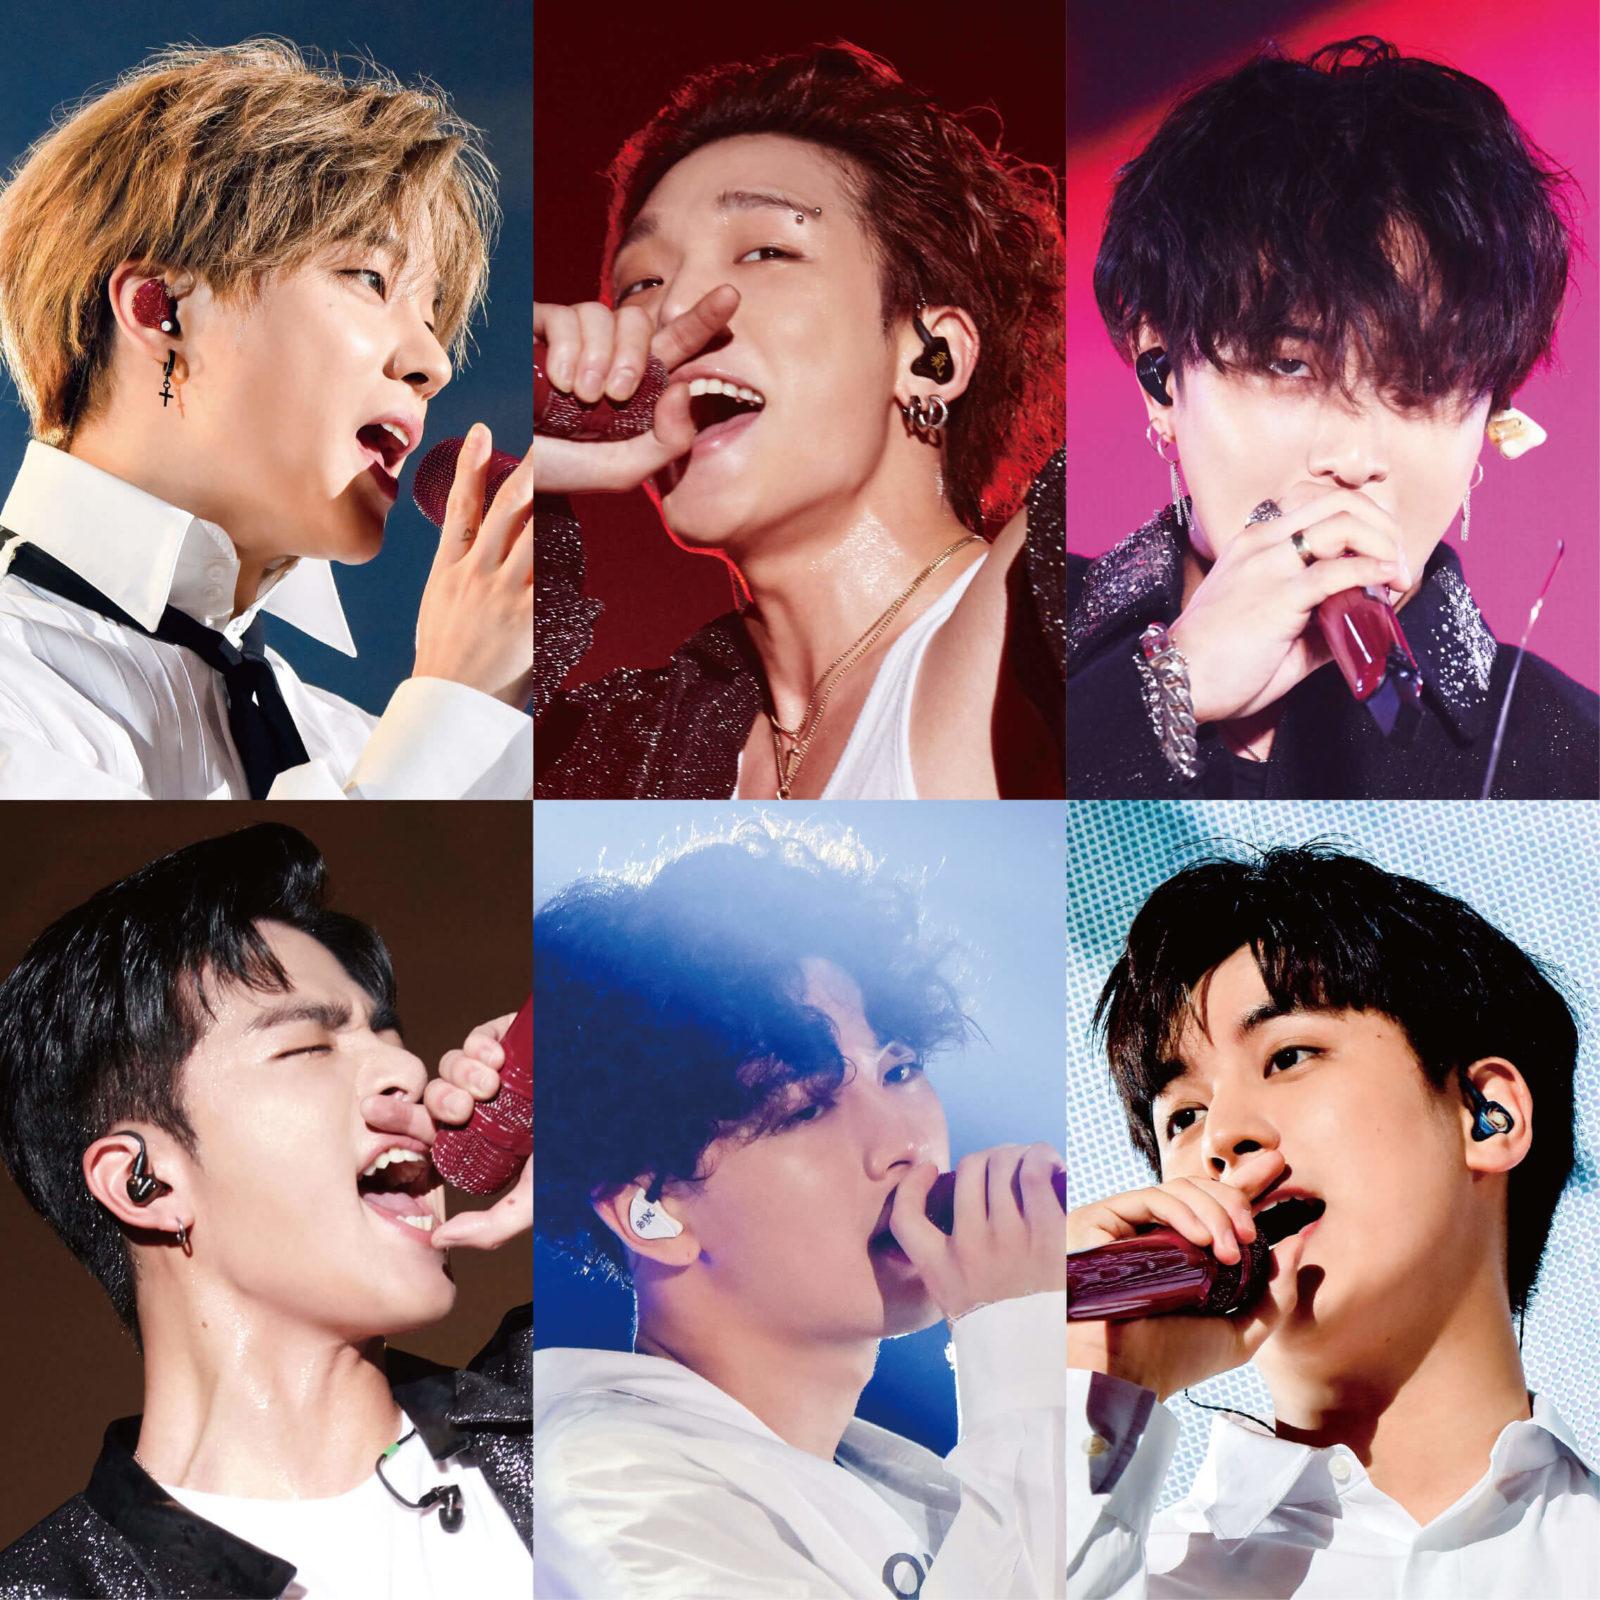 iKON(アイコン)、最新ライブ映像作品『iKON JAPAN TOUR 2019』がオリコンデイリーミュージックDVDランキング1位獲得サムネイル画像